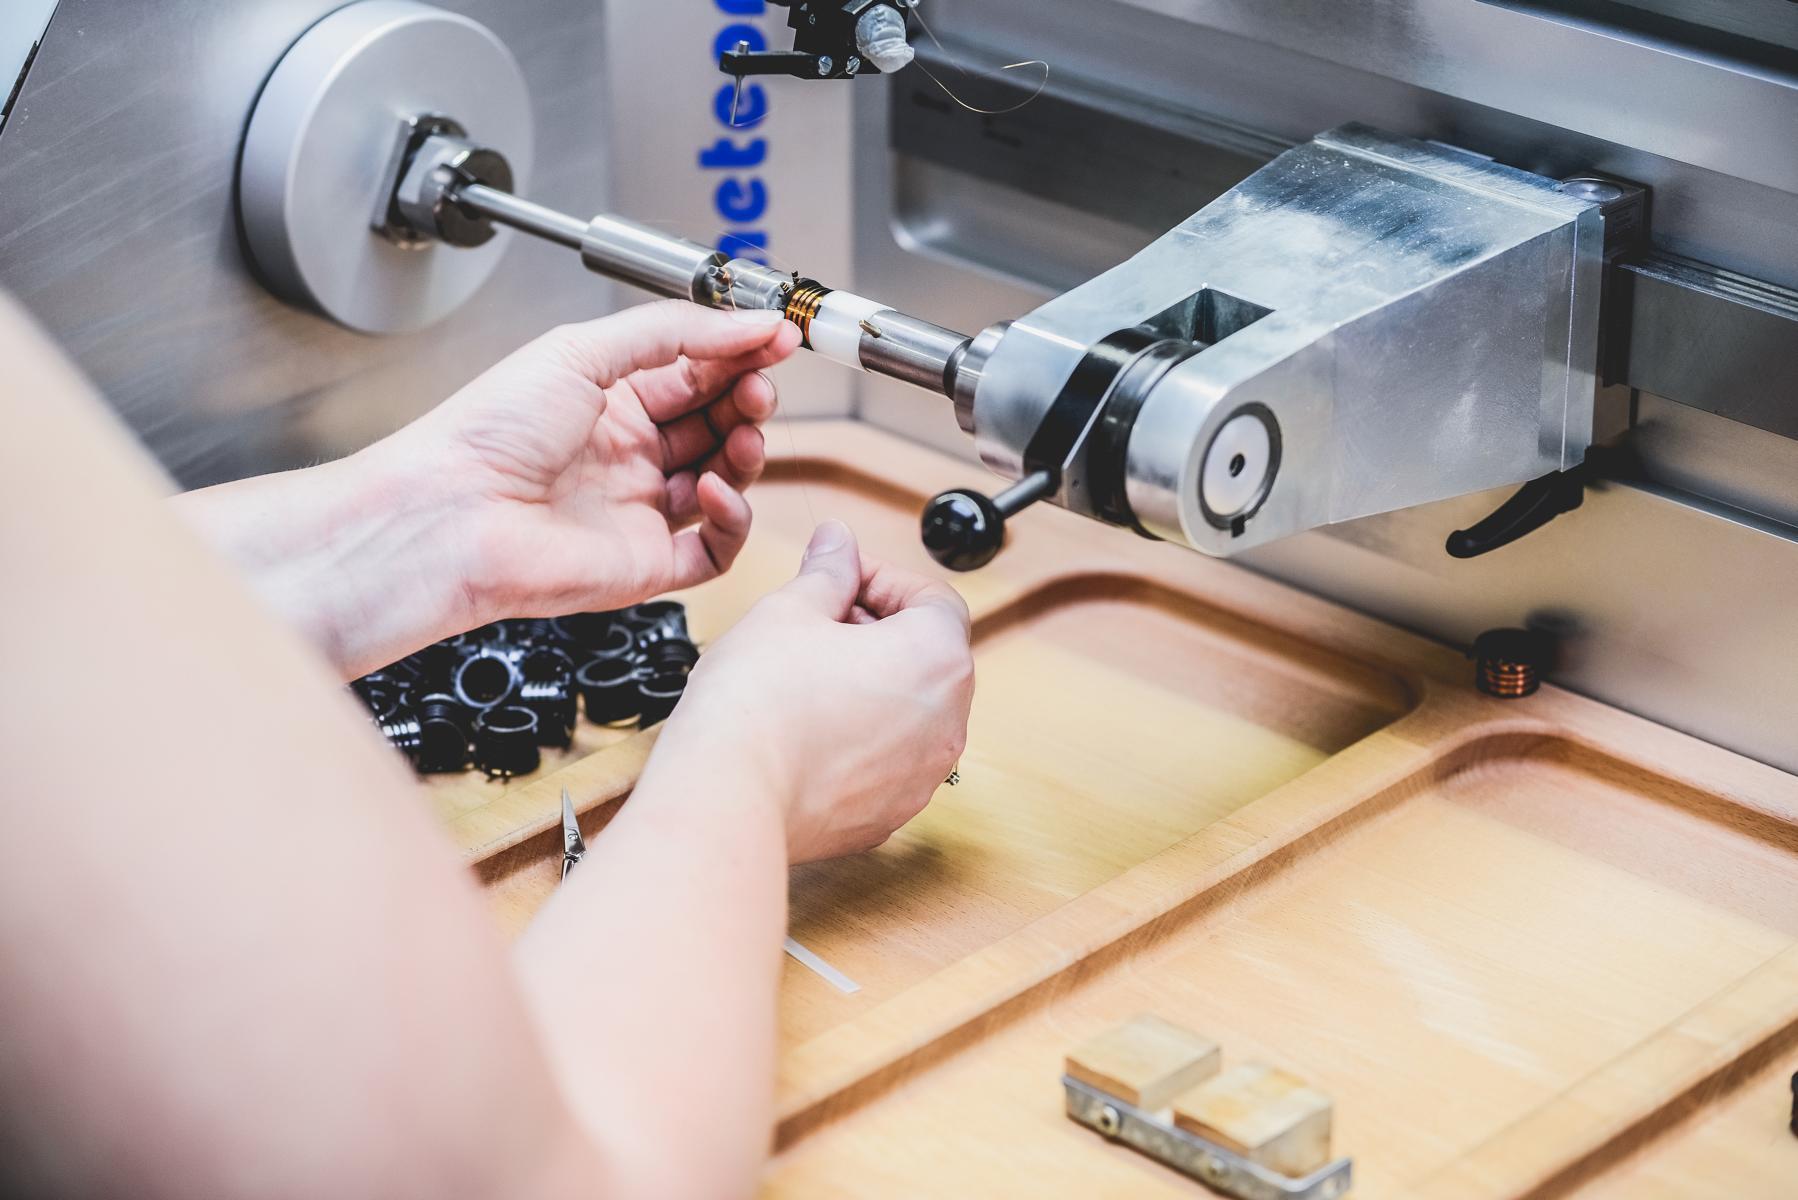 Spulenproduktion bei Müller Spülen